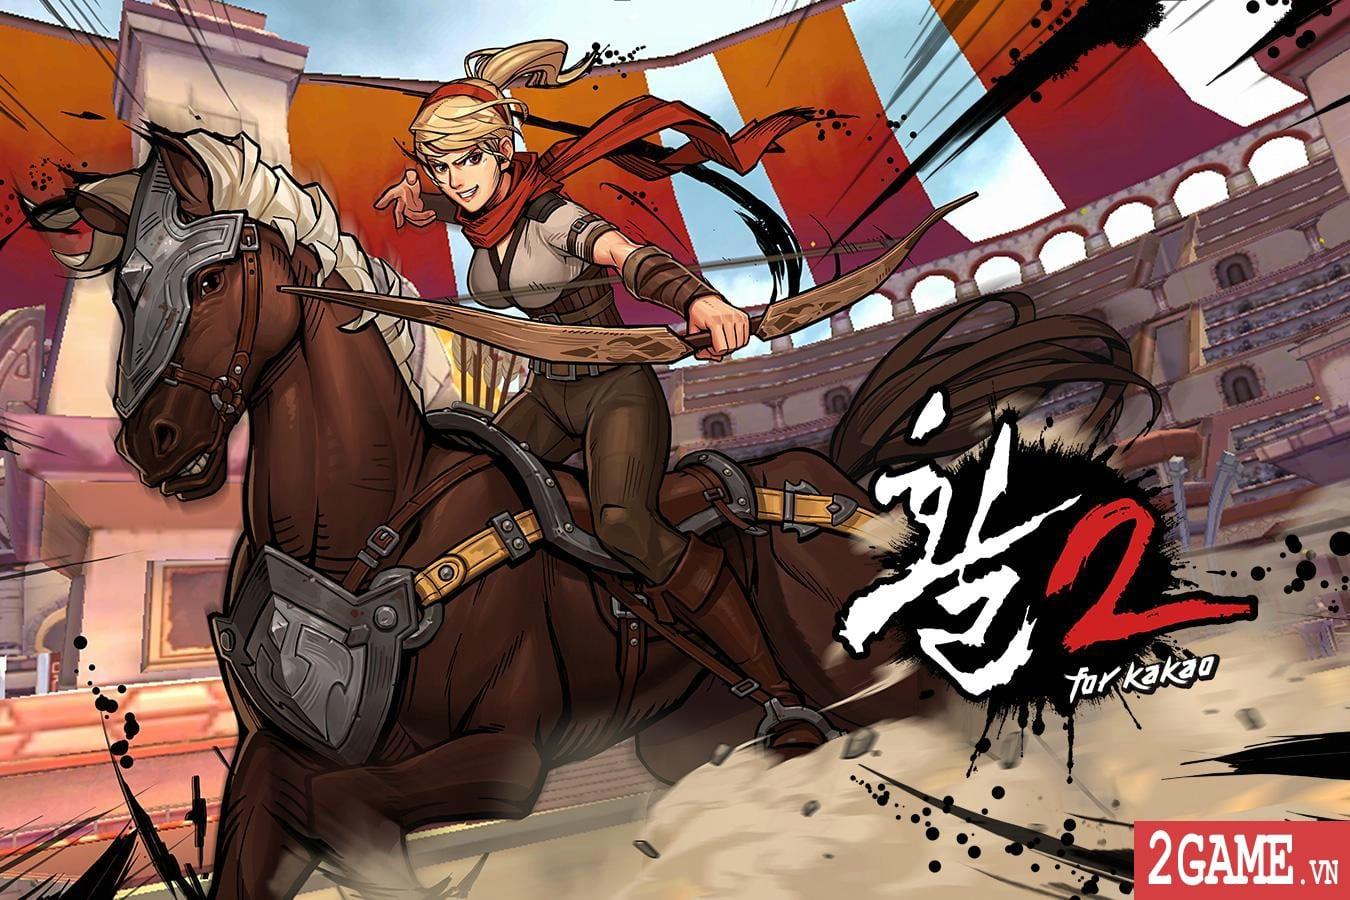 Battle of Arrow - Game đọ tài thiện xạ cực chất của người Hàn Quốc 4